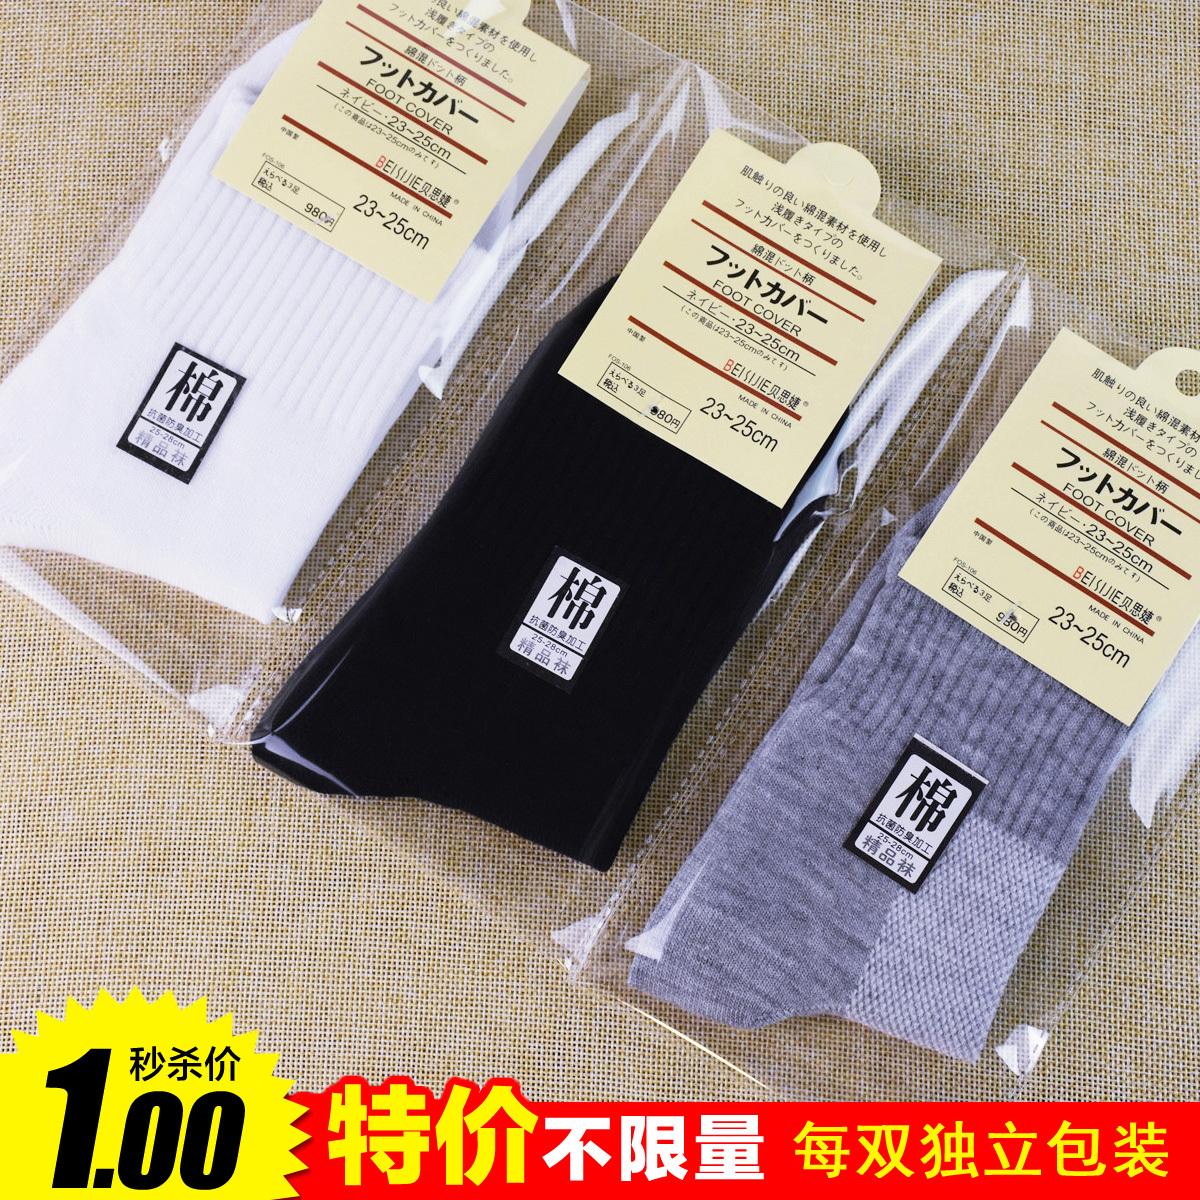 独立包装涤棉男袜 休闲网格耐穿回礼小礼品袜 纯色中筒足浴运动袜